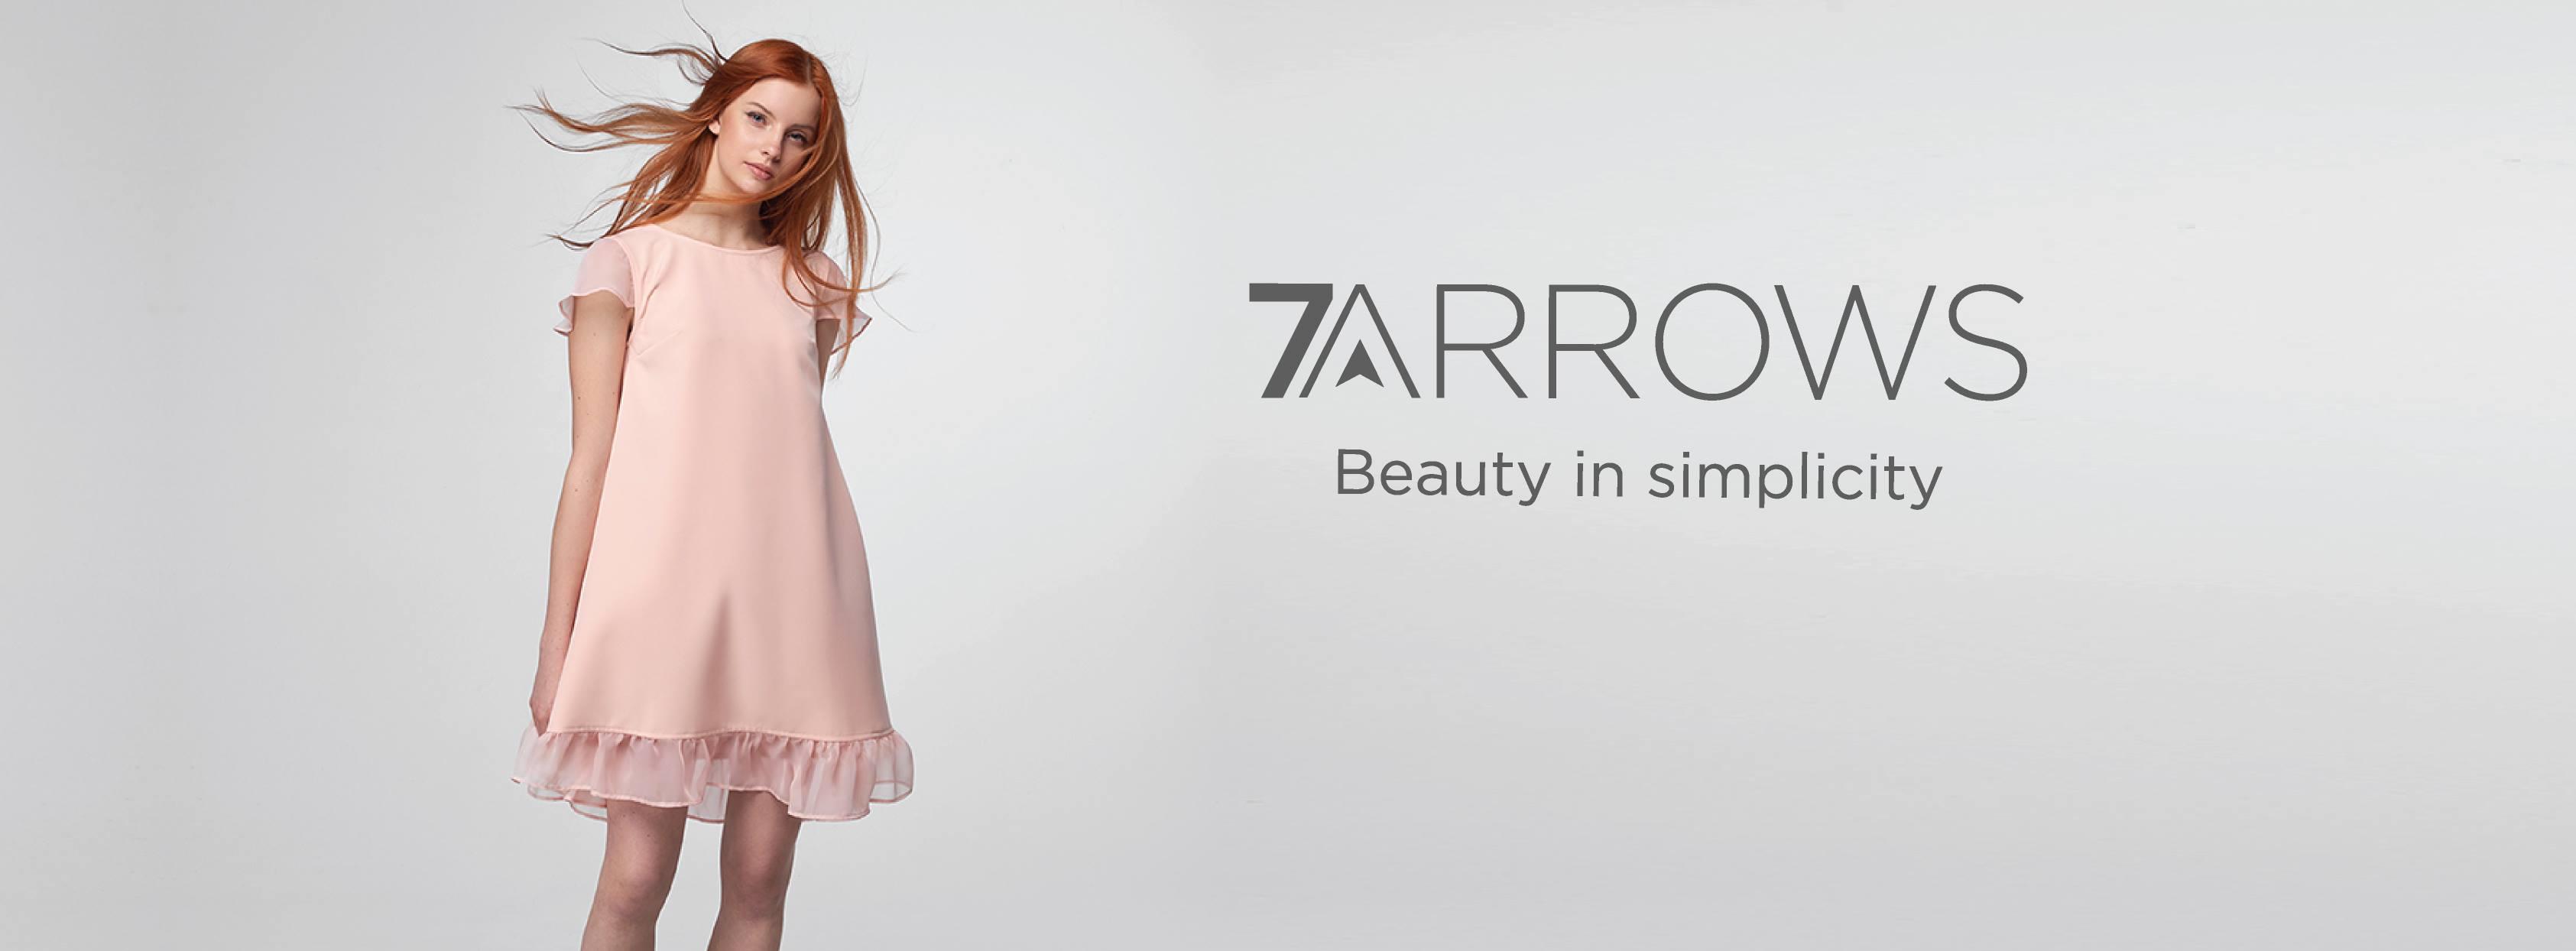 7ARROWS